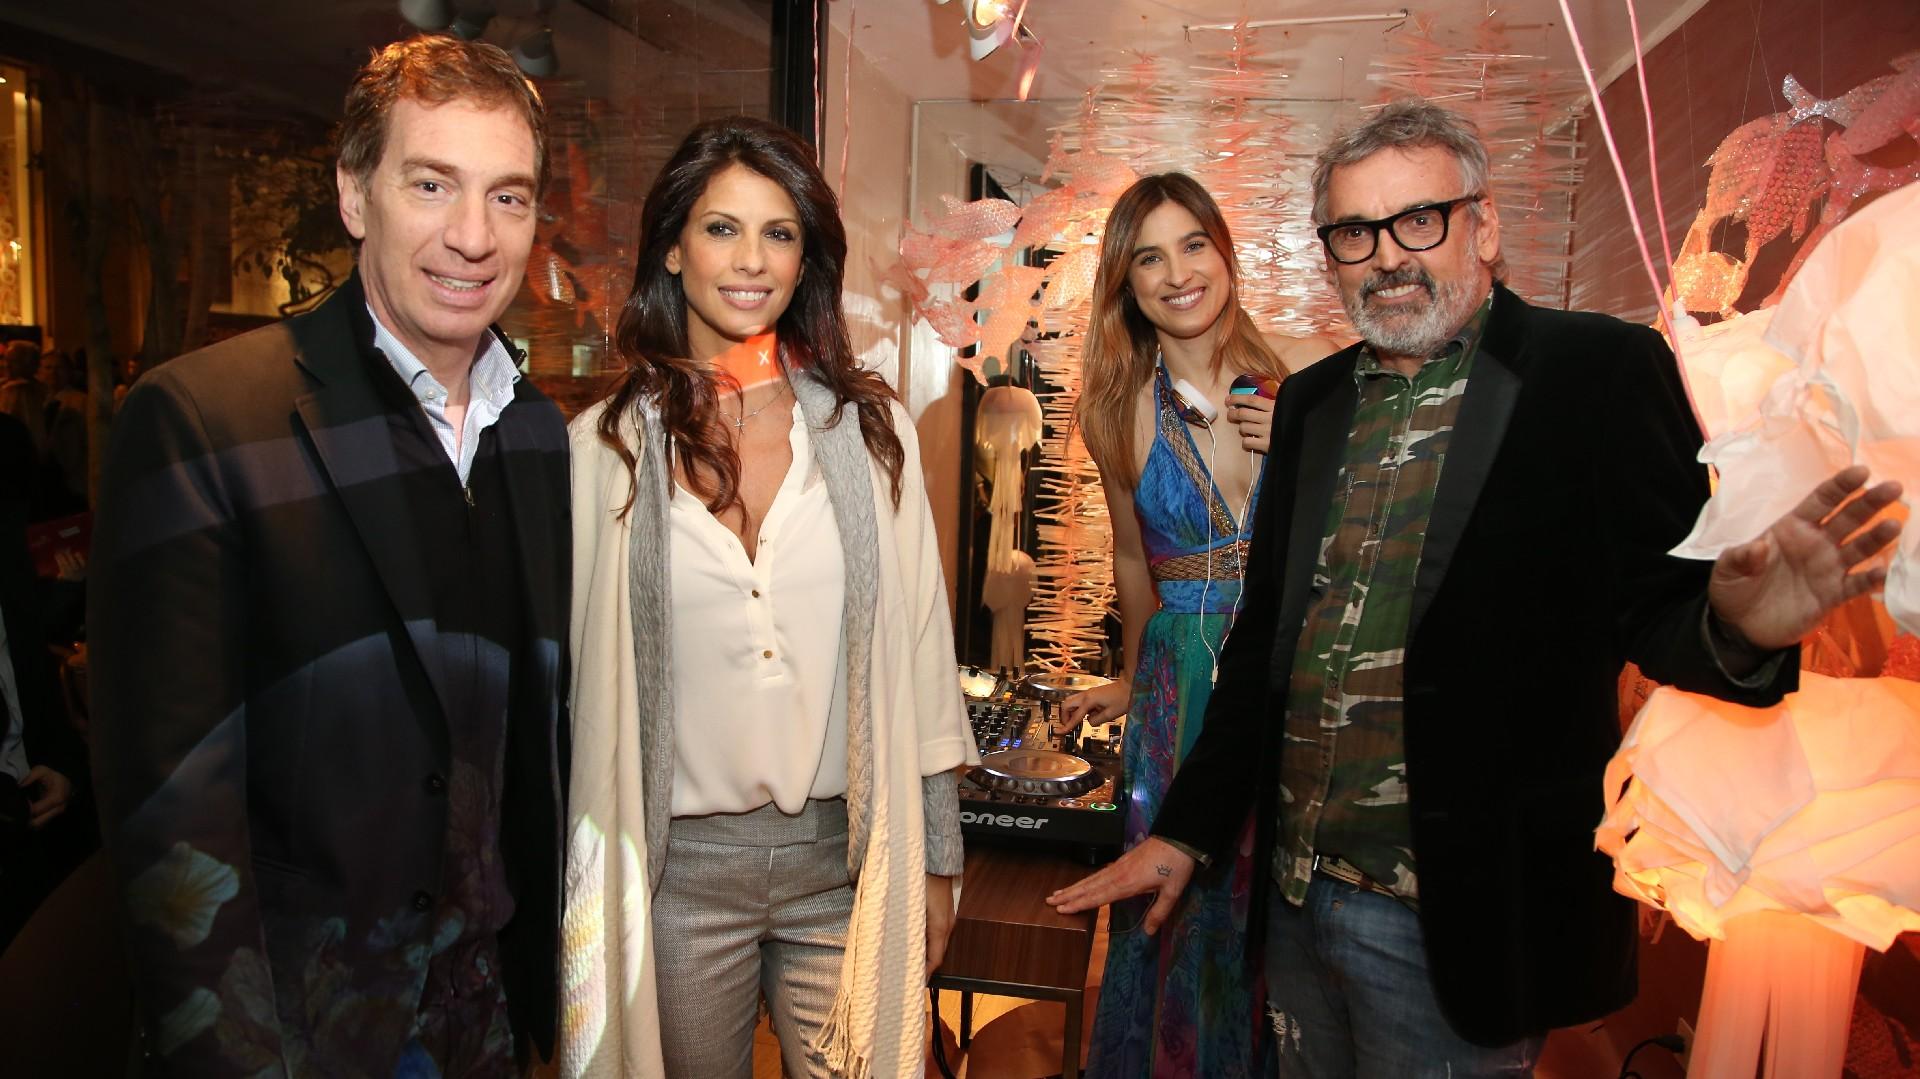 Diego Santilli, Analía Maiorana, Cintia Garrido y Benito Fernández en la inauguración de Tendencia Arenales /// Fotos: Nicolás Aboaf